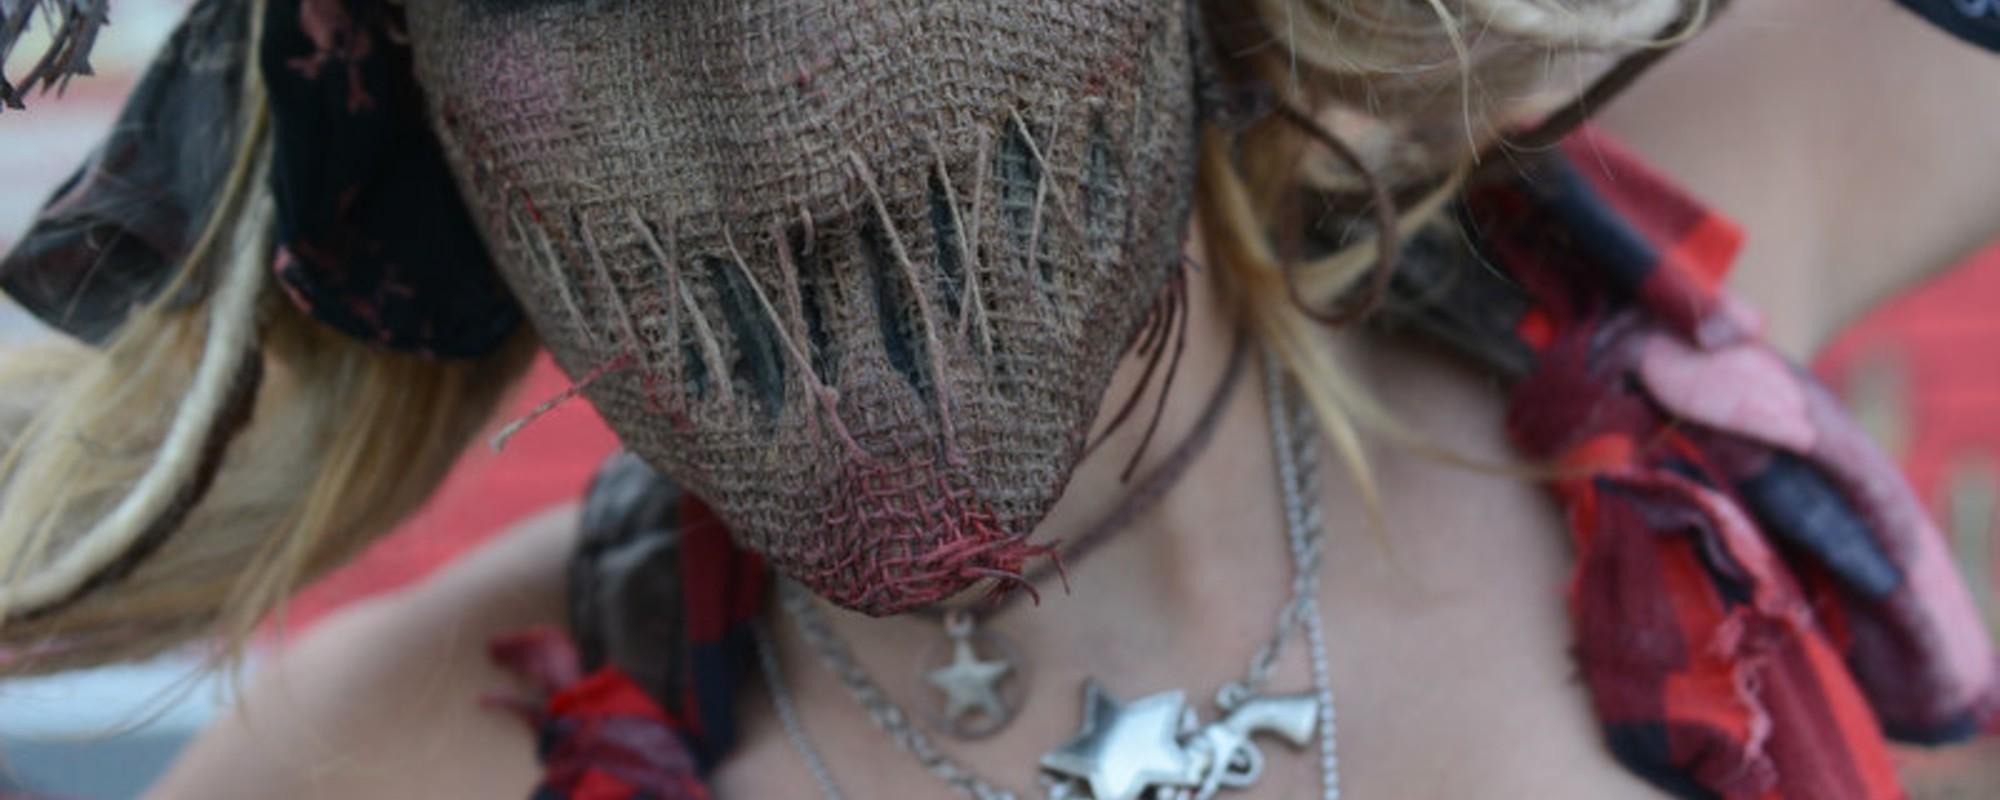 Fotografii cu monștrii de la întâlnirea anuală a clovnilor nebuni